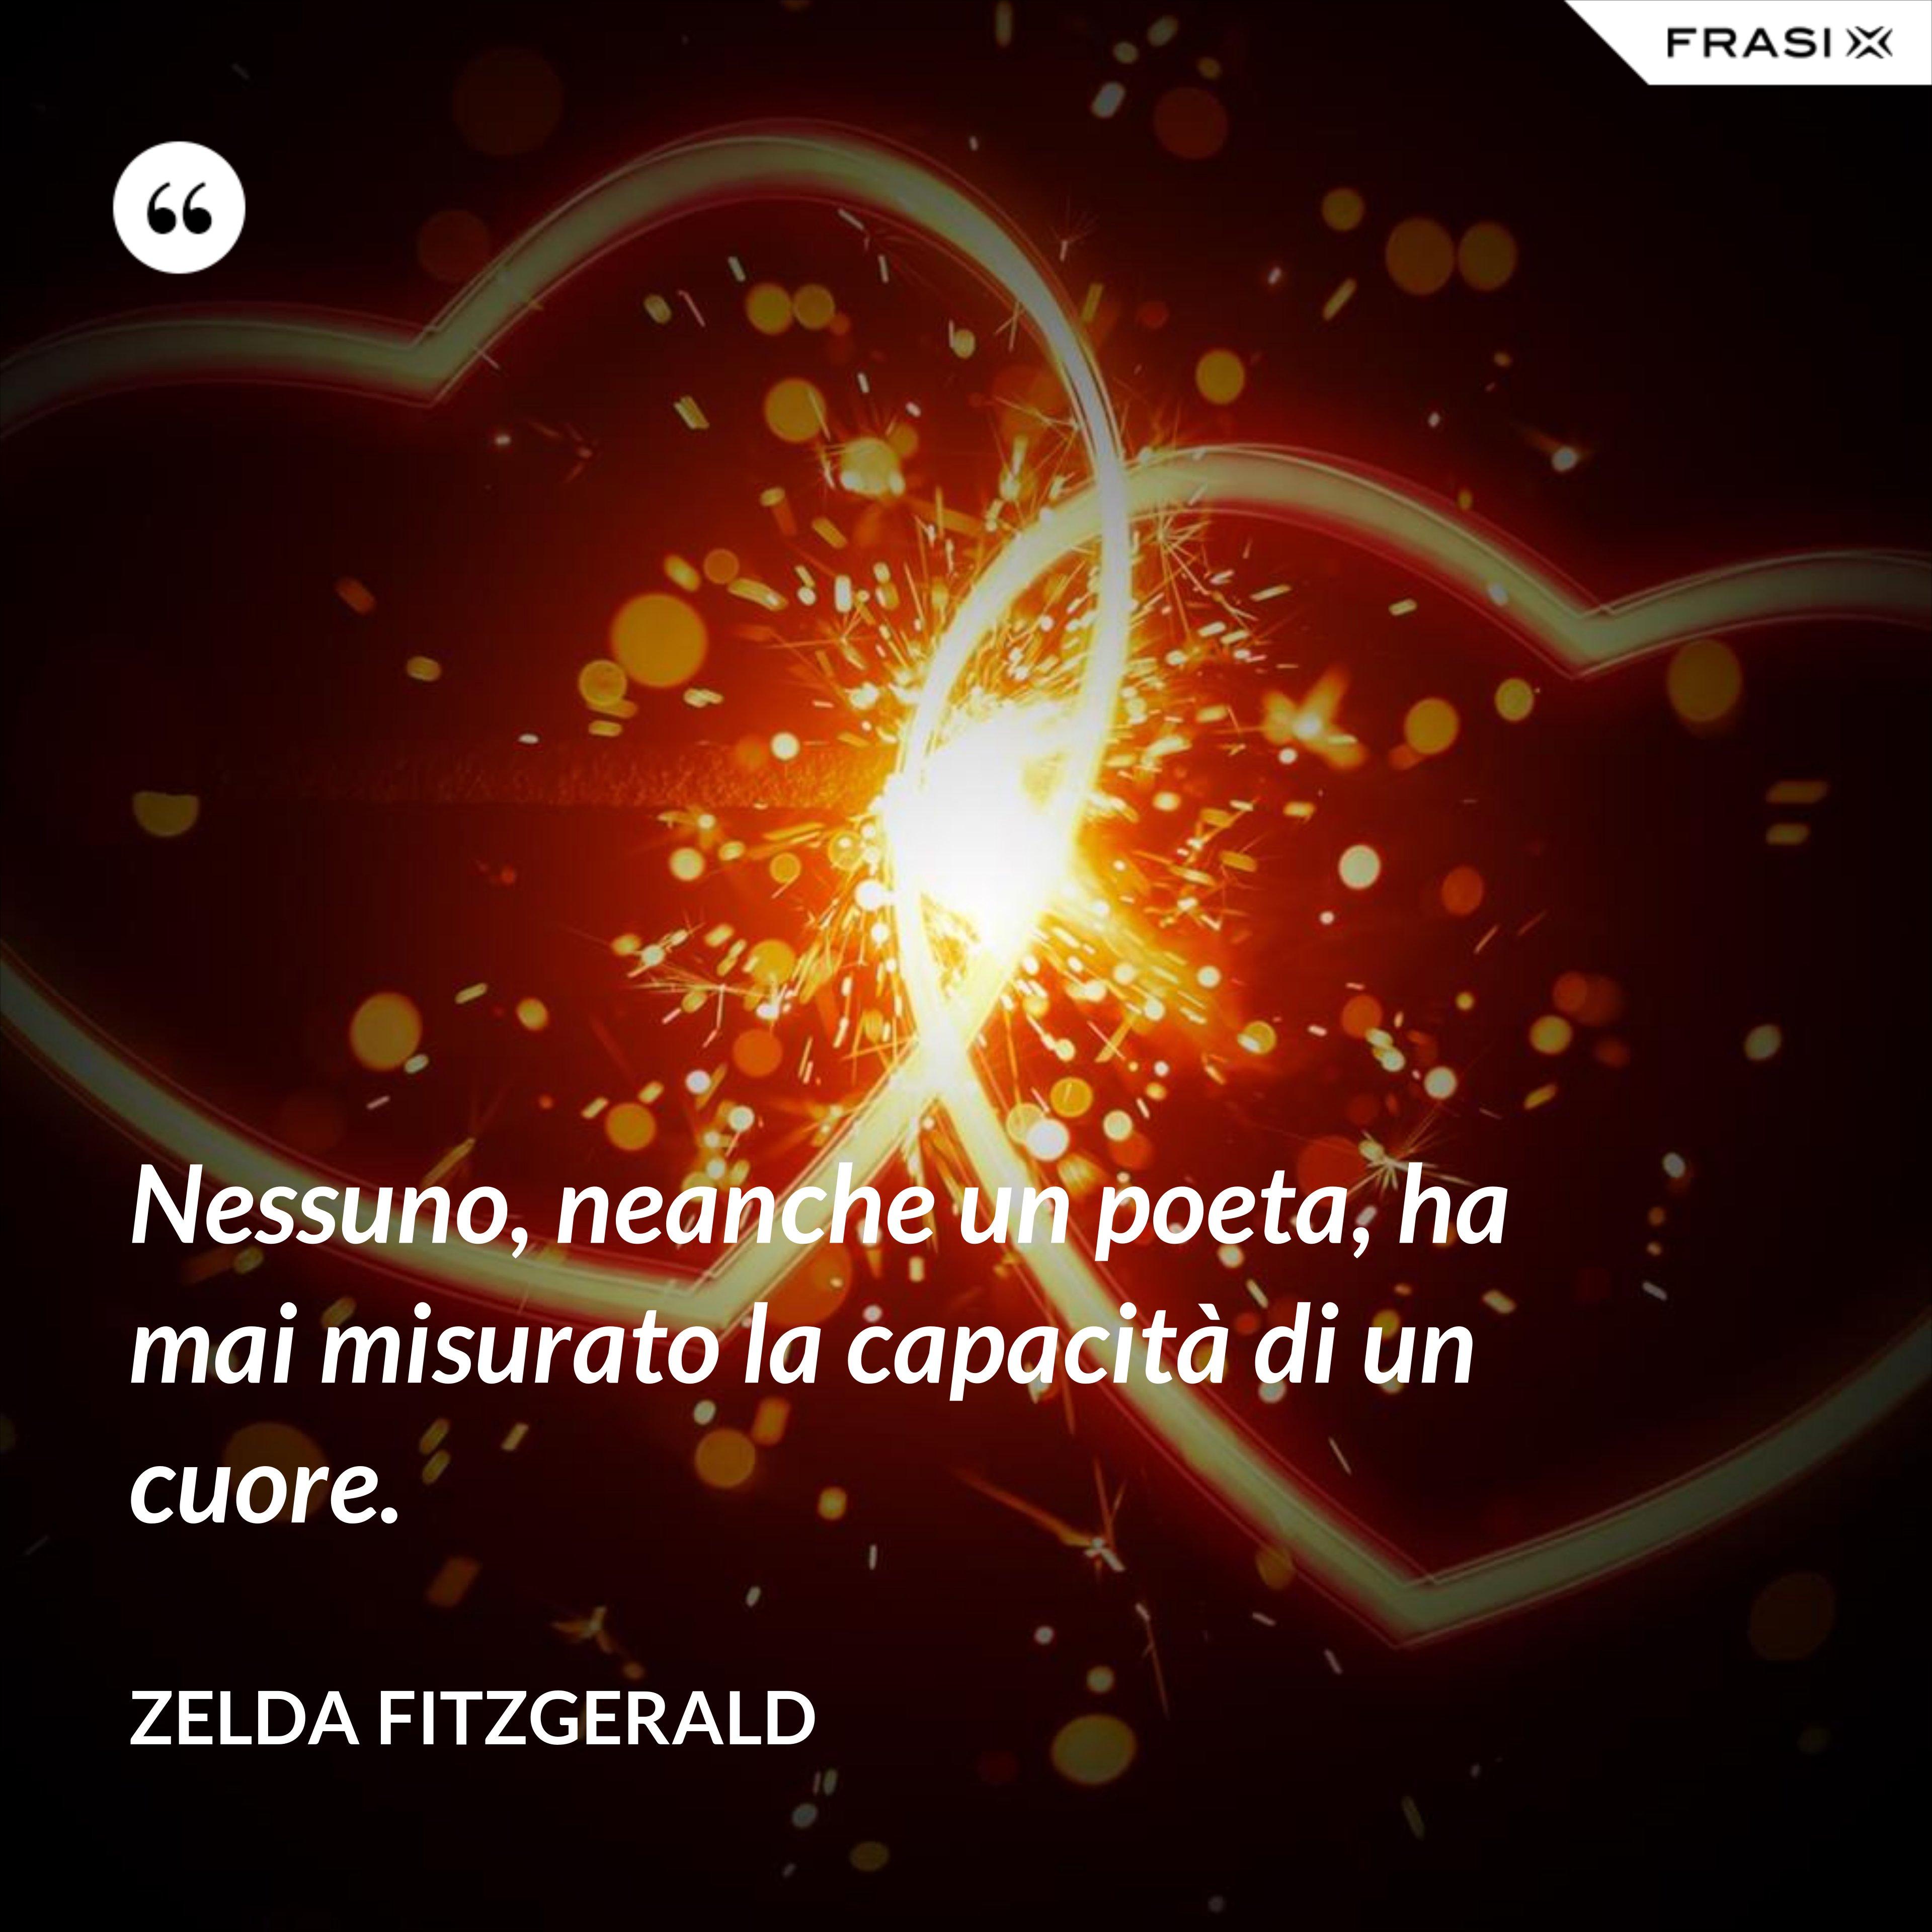 Nessuno, neanche un poeta, ha mai misurato la capacità di un cuore. - Zelda Fitzgerald